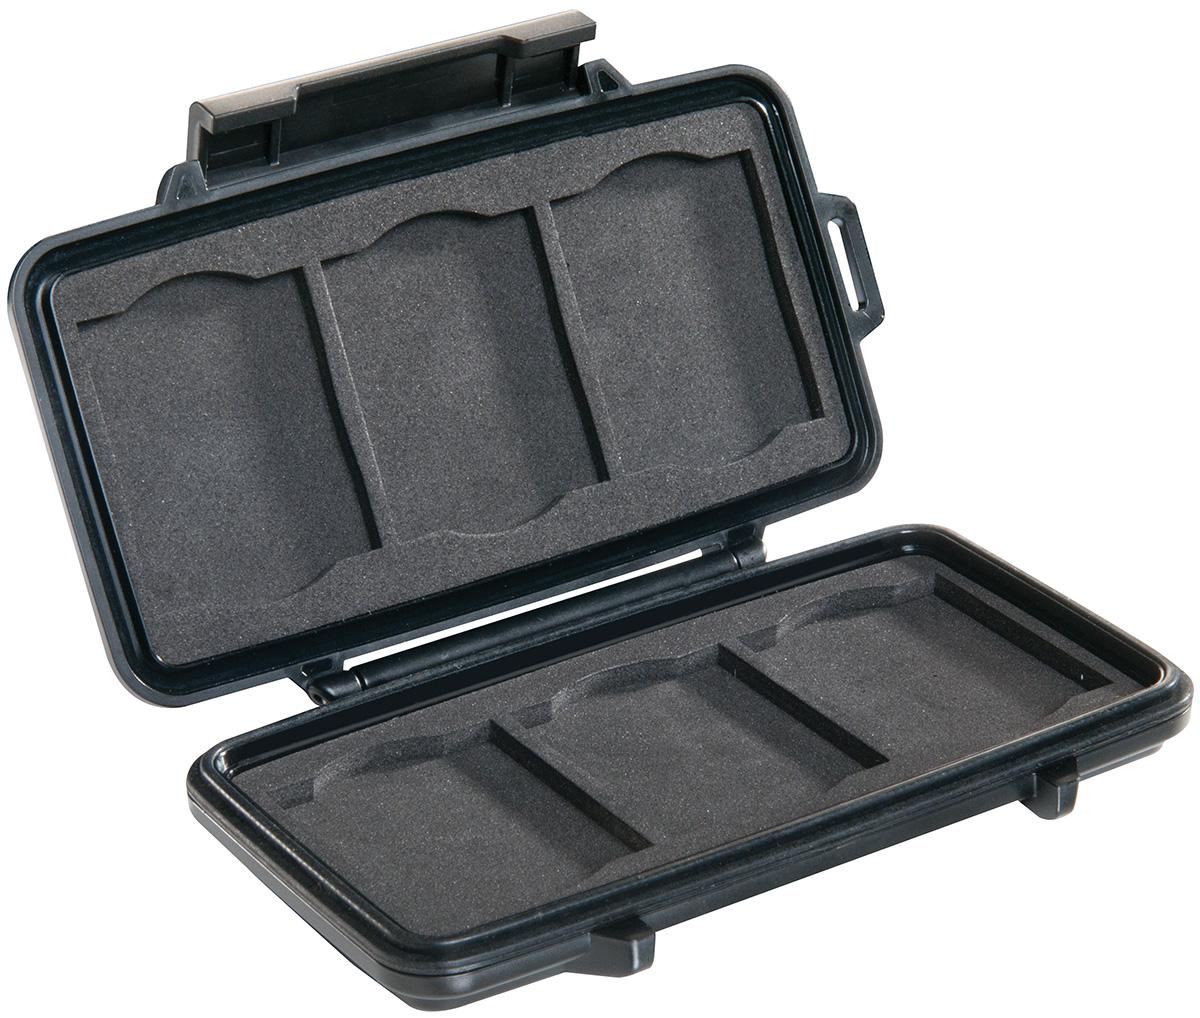 Estuche para tarjetas Compact Flash Pelican 0945 con foam interior